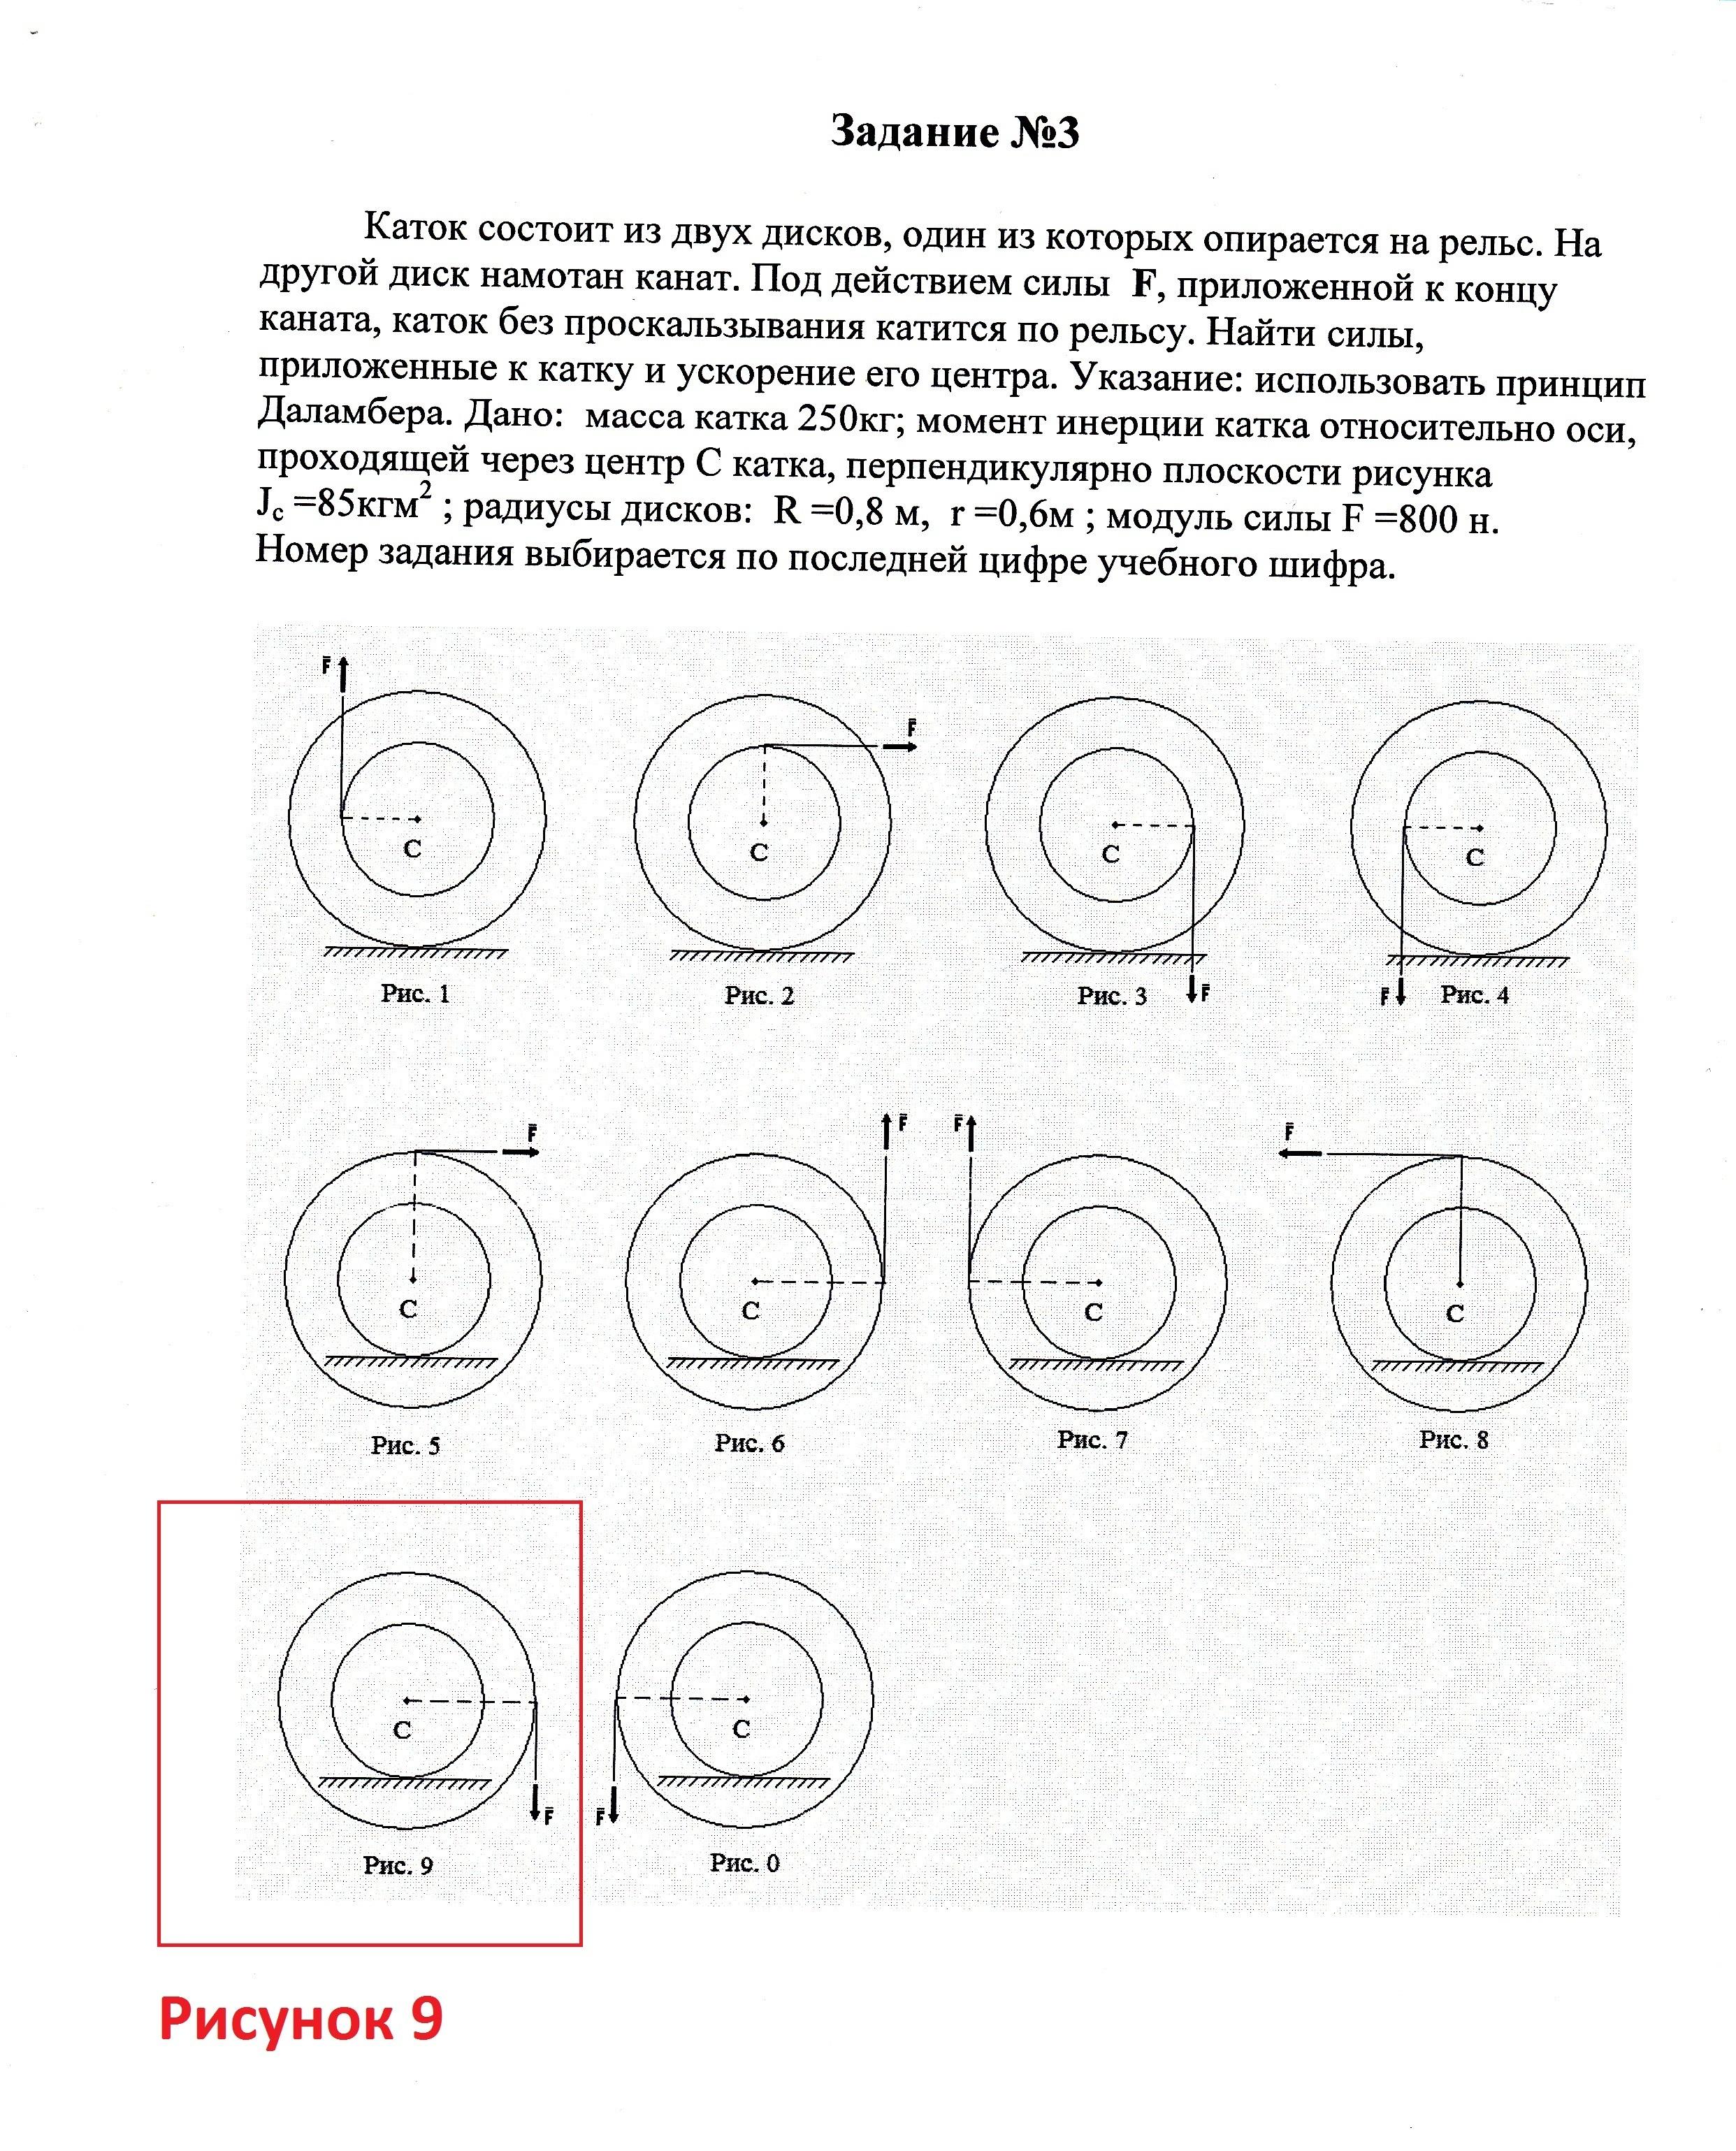 Контрольная работа по Теоретической механике Помогите ради бога  Контрольная работа по Теоретической механике Помогите ради бога